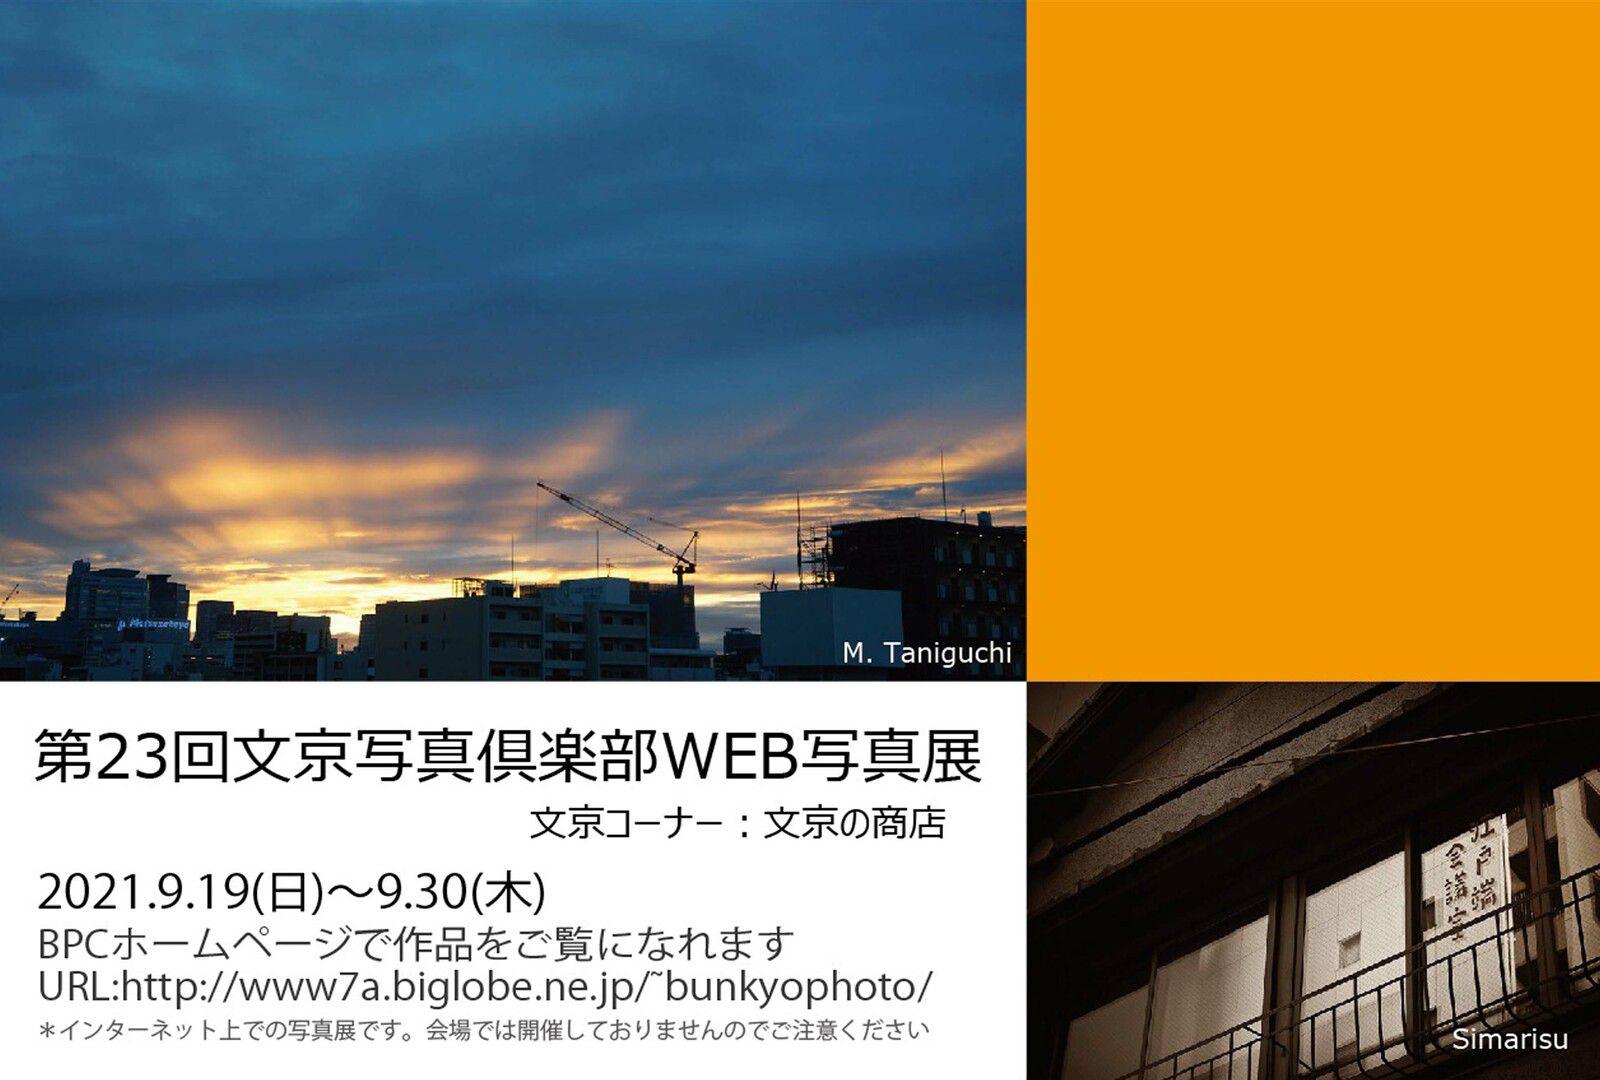 L'exposition du photo-club en ligne